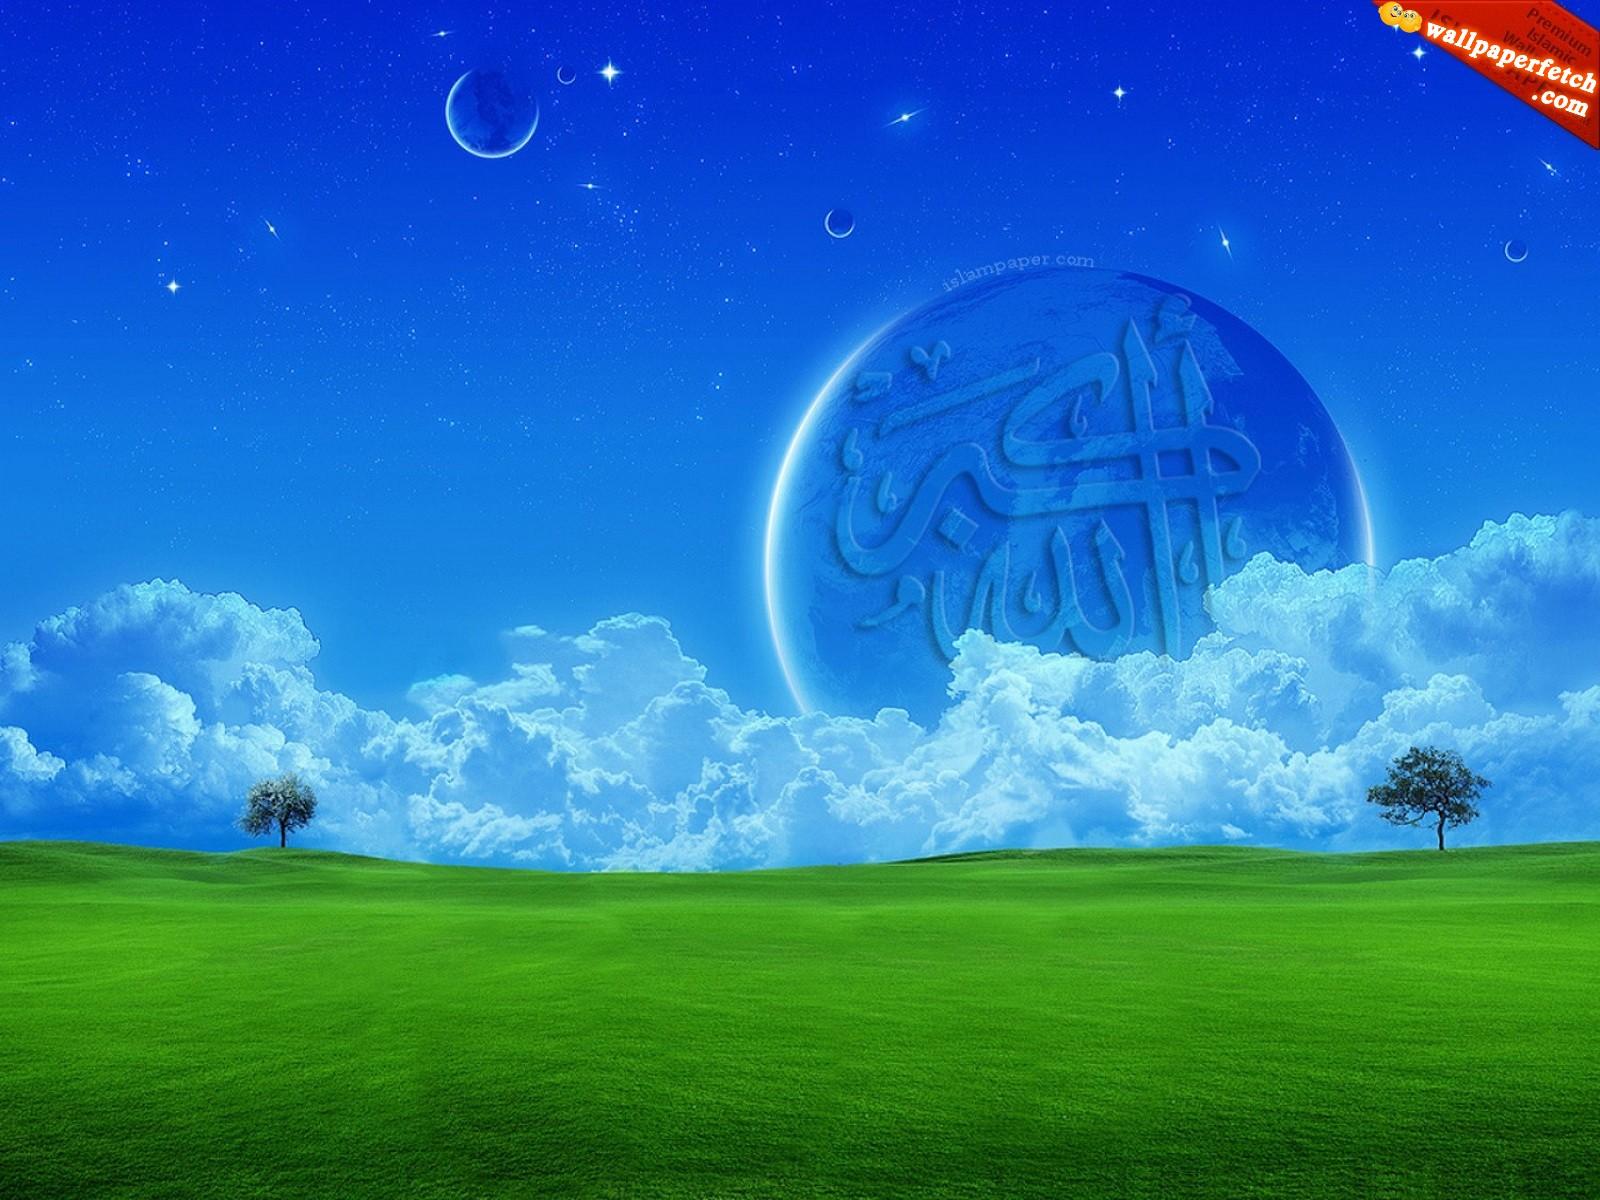 http://2.bp.blogspot.com/-p5bl44B0PJI/T8pn6vVfO5I/AAAAAAAAPUA/gqpYq9r5tHI/s1600/windows-islam-wallpaper-allahu-akbar-green-idyll.JPG